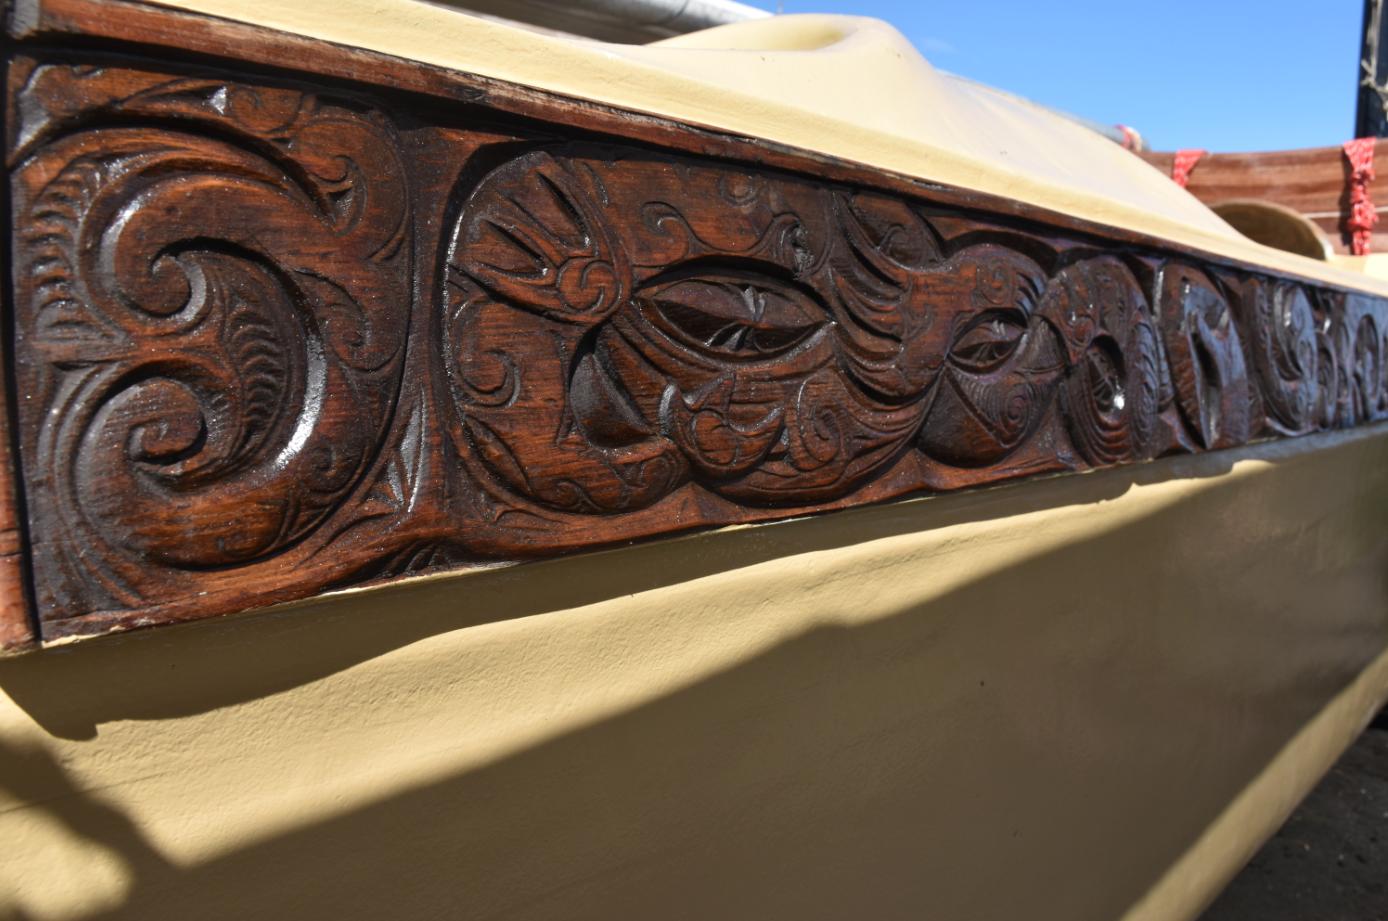 Ces sculptures en bois avaient été confectionnées pour la pirogue à voile Hawaiki Nui de Francis Cowan.